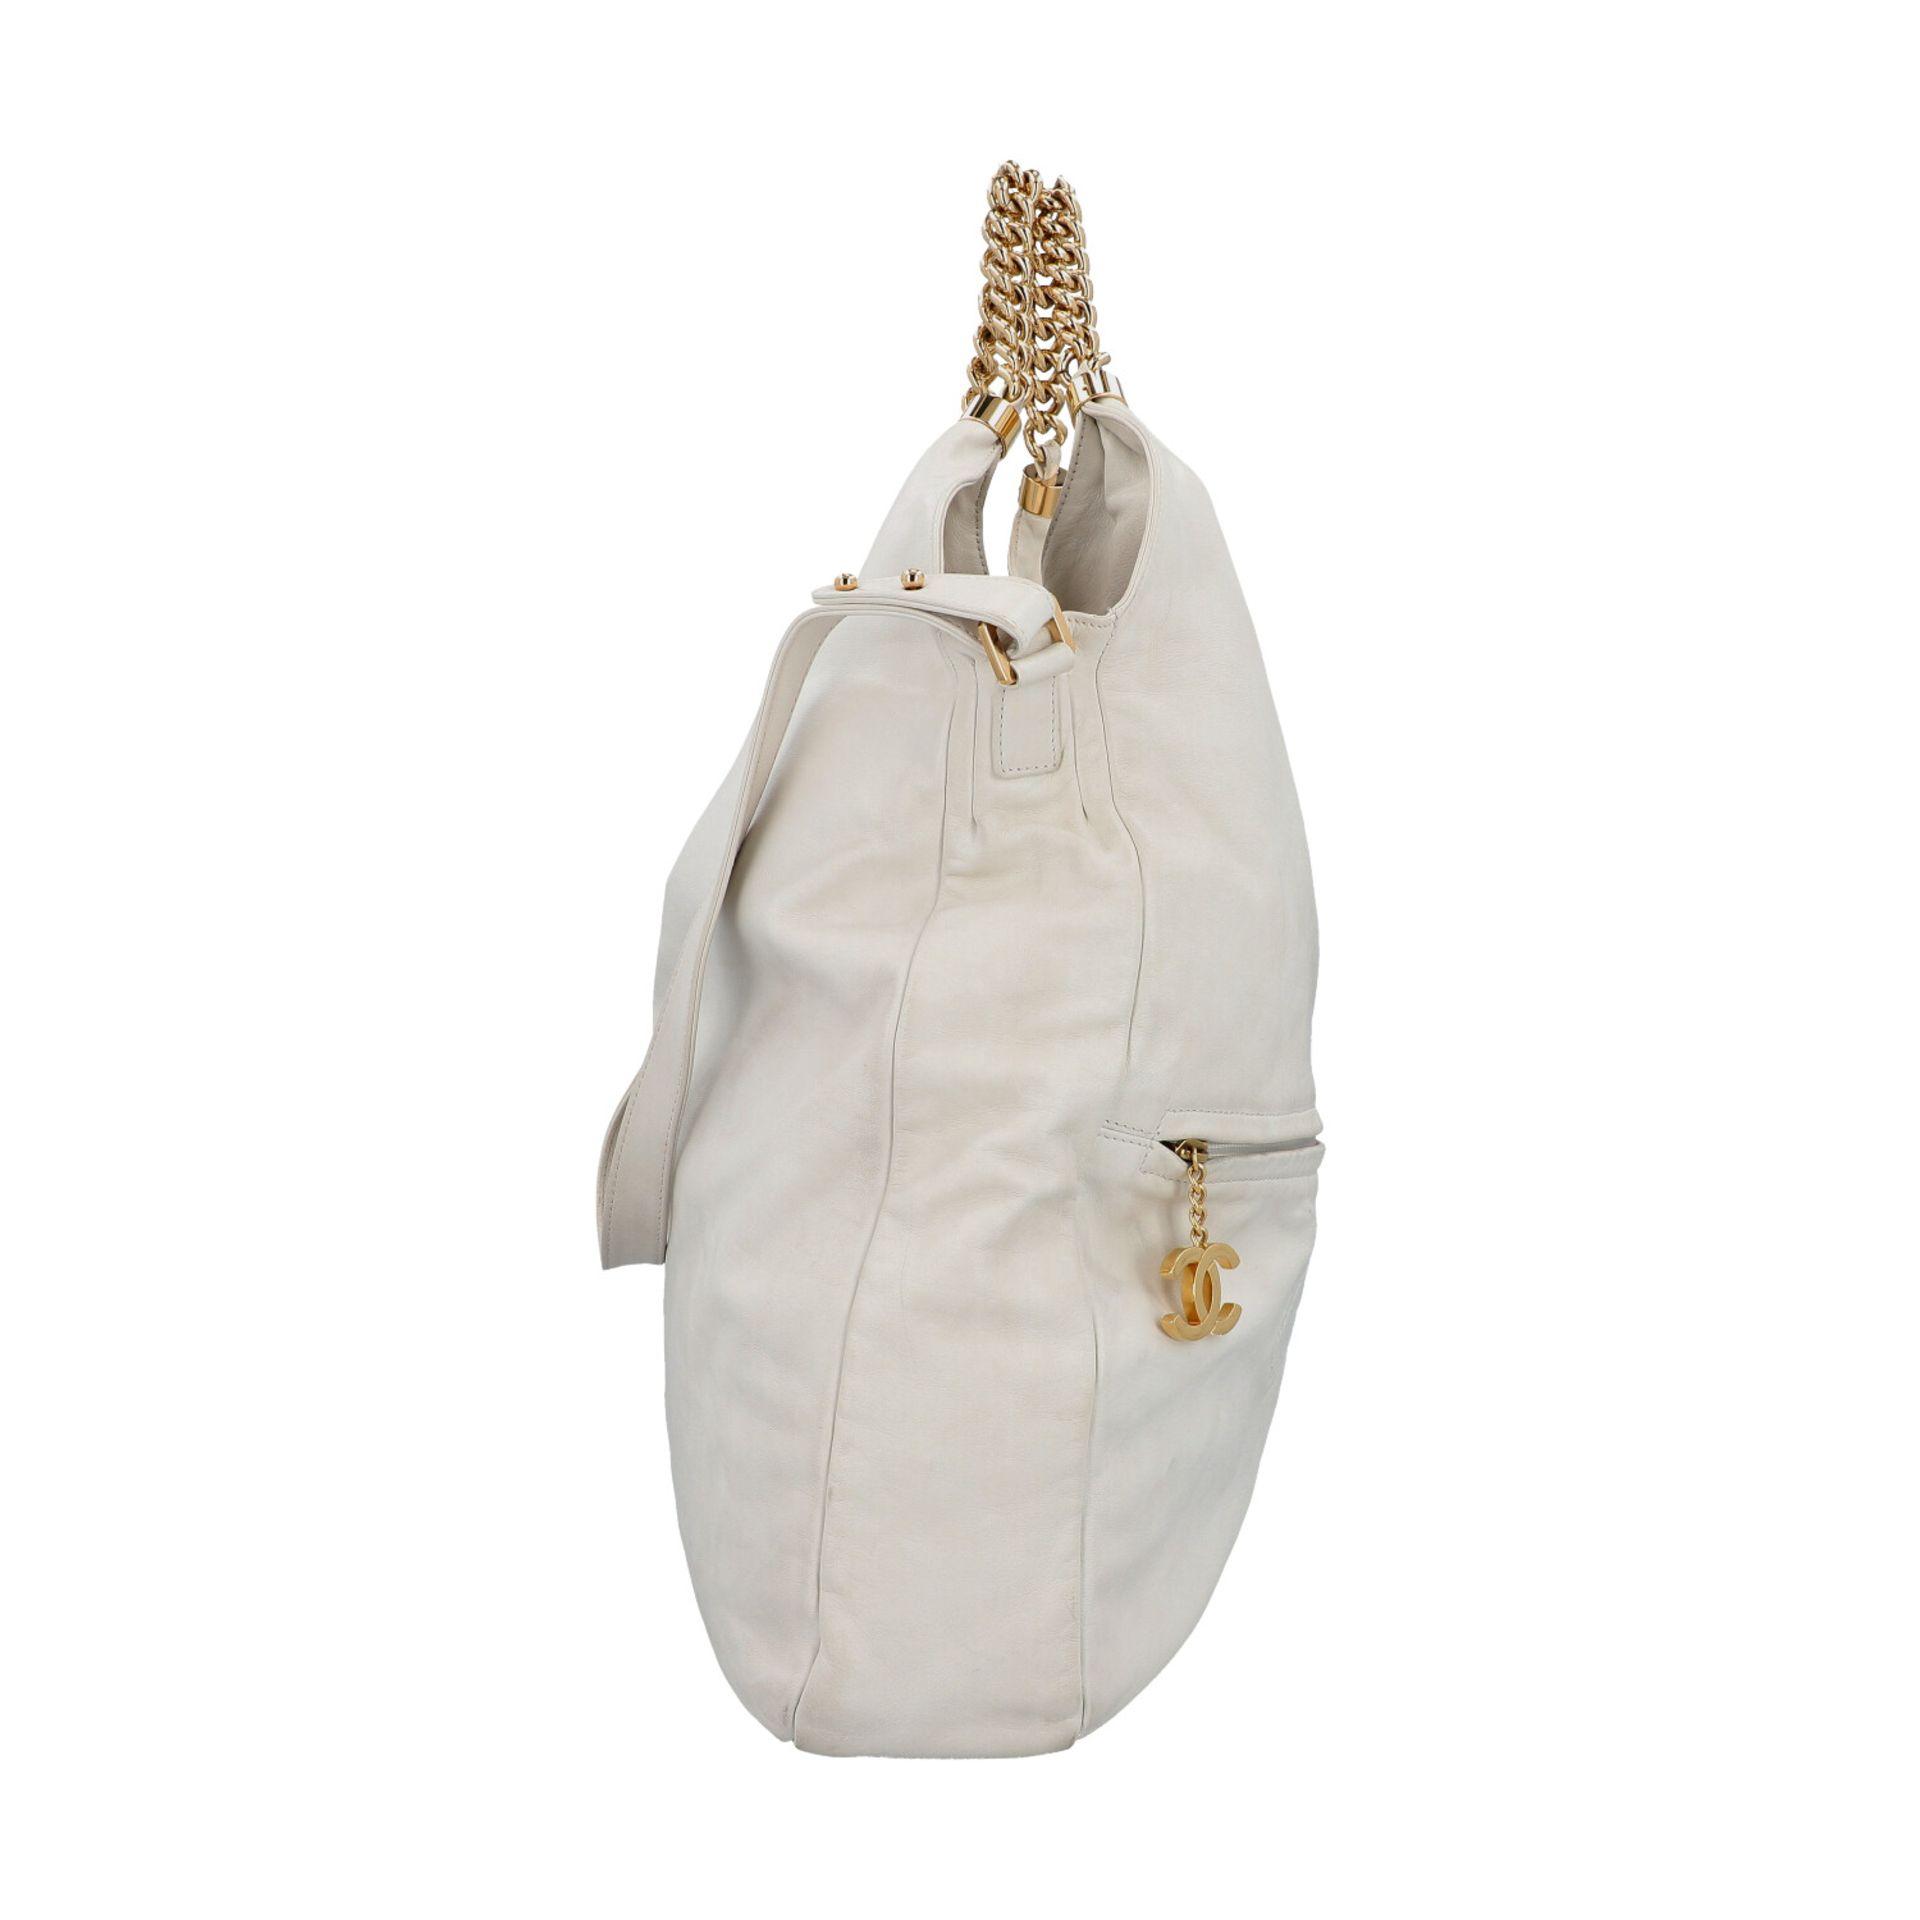 CHANEL Shoppertasche, Koll. 2006/2008.Hobo Bag aus weißem Leder mit goldfarbener Hardware, Front mit - Bild 3 aus 8